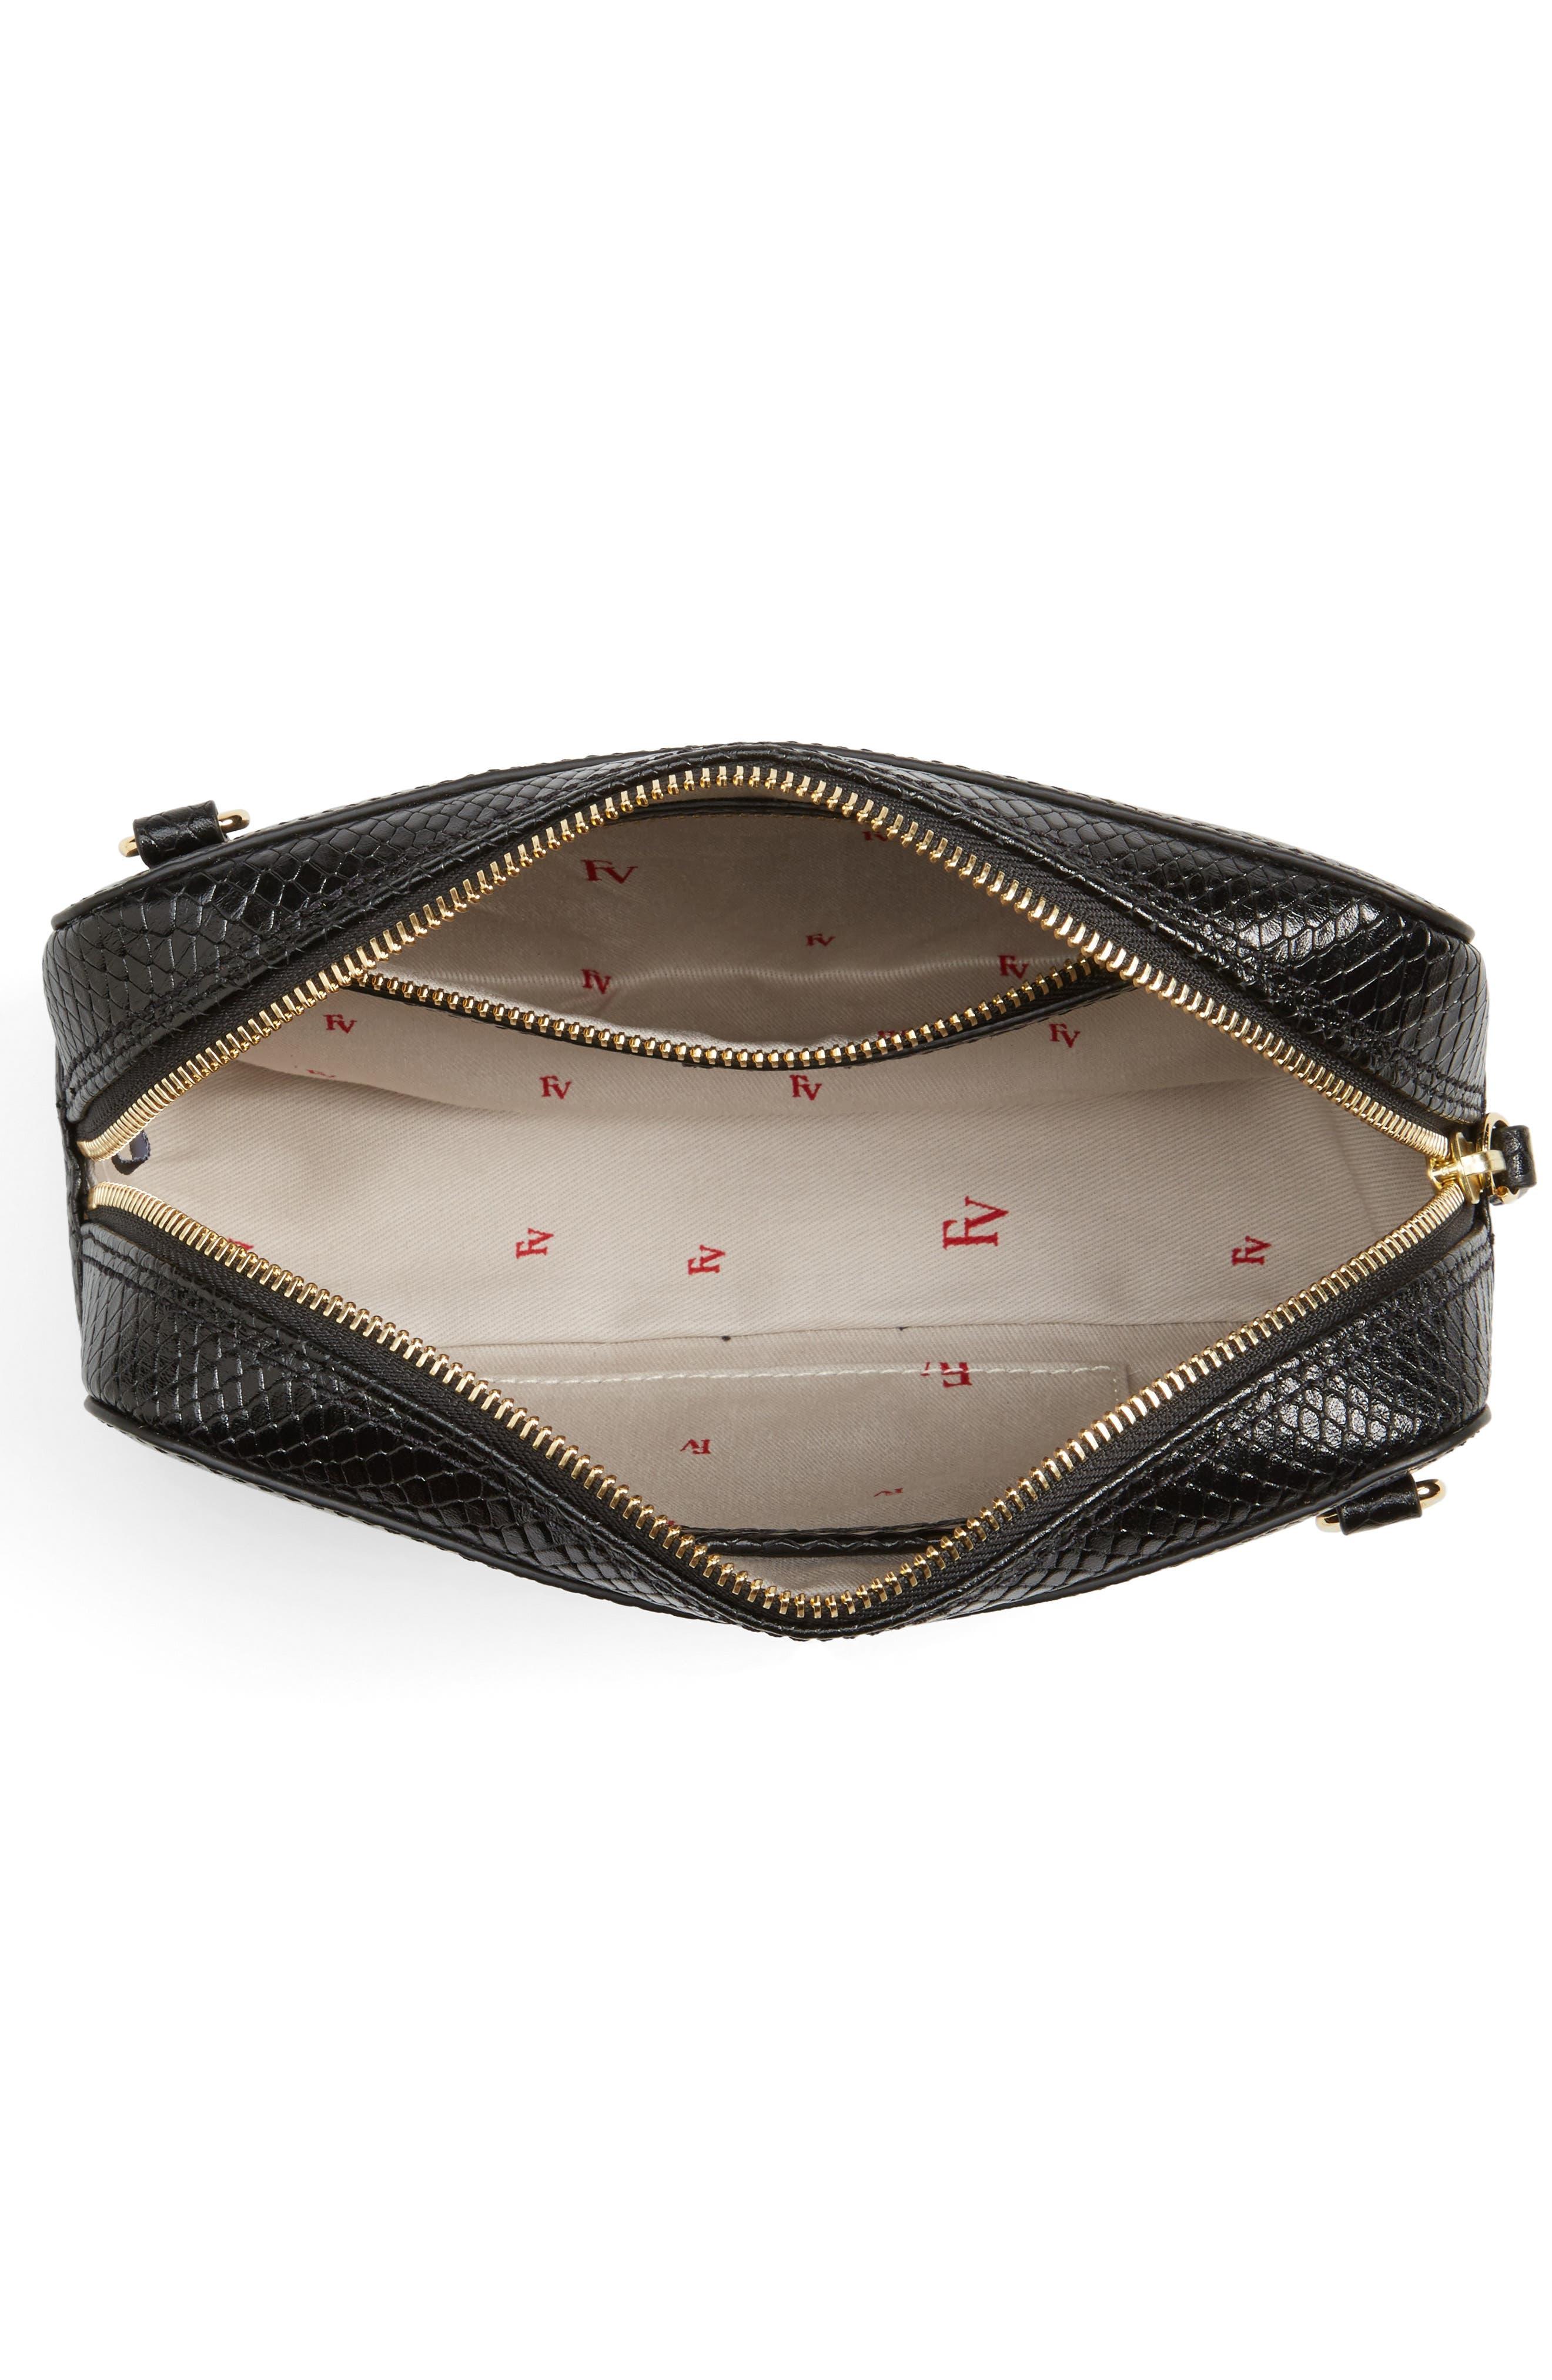 Snakeskin Embossed Leather Crossbody Bag,                             Alternate thumbnail 3, color,                             Black